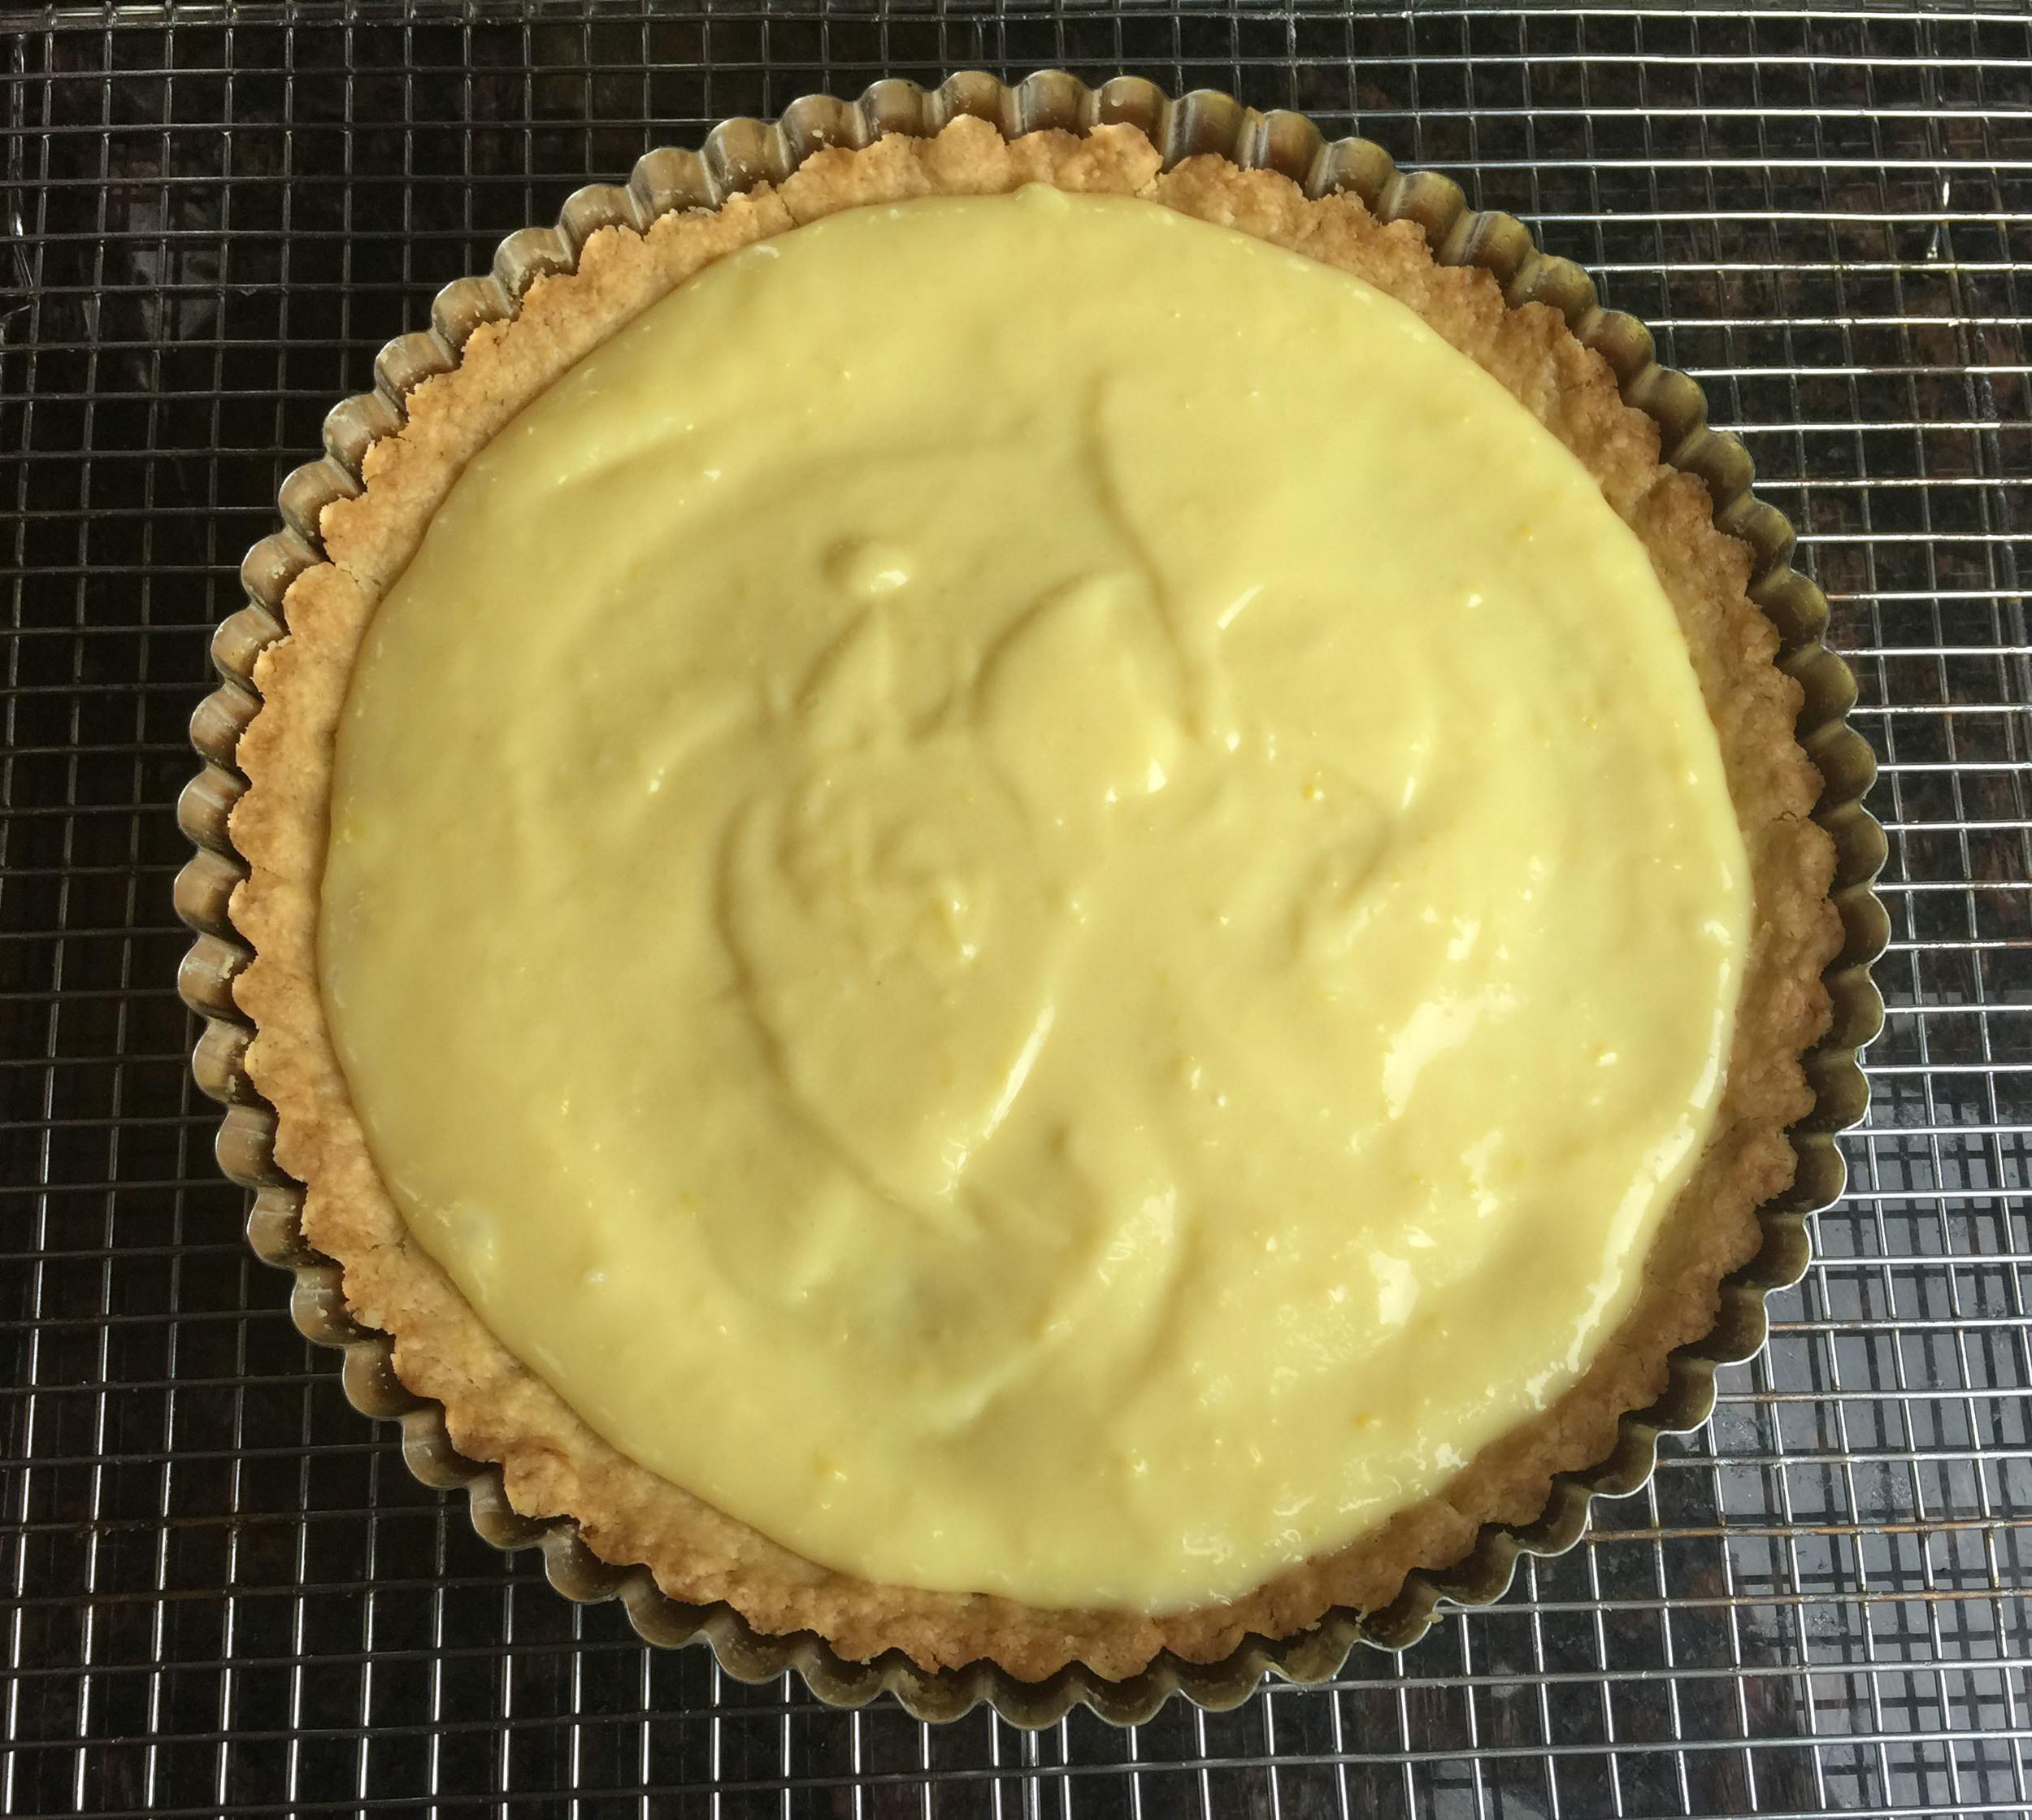 Lemon curd in a baked tart shell